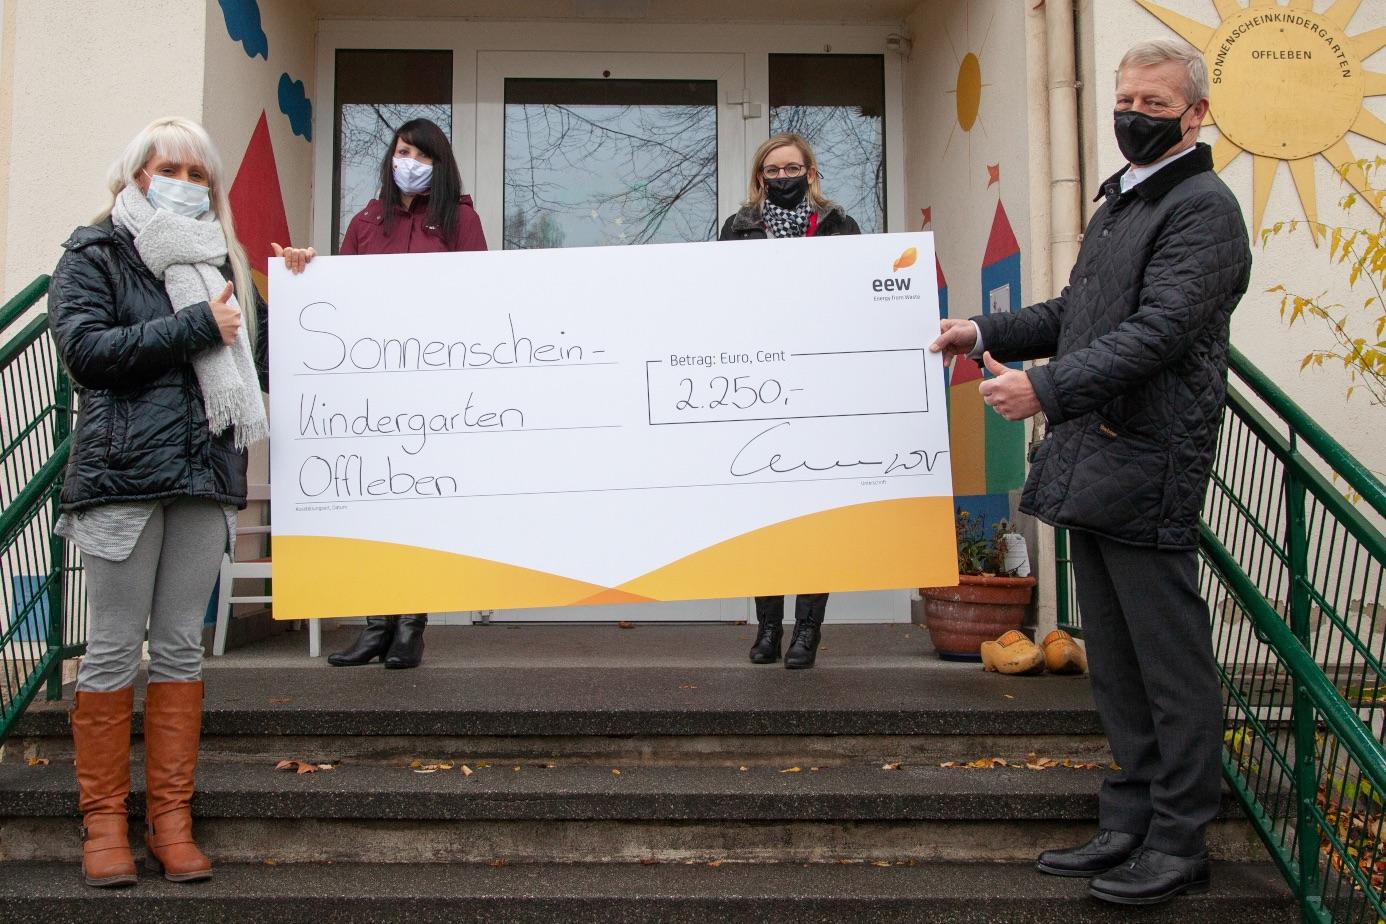 """Bernard M. Kemper (von links), Vorsitzender der Geschäftsführung der EEW Energy from Waste GmbH, EEW-Betriebsratsvorsitzende, Birgit Fröhlig, sowie EEW-Mitarbeiterin und Initiatorin Denise Tjaden überreichten eine Spende in Höhe von 2.250 Euro an Heike Meyer, Leiterin des Sonnenschein-Kindergartens in Offleben. (von rechts) Das Geld stammt aus dem EEW-Hilfsfonds """"Rest Cent"""" der EEW-Gruppe.Foto: privat"""